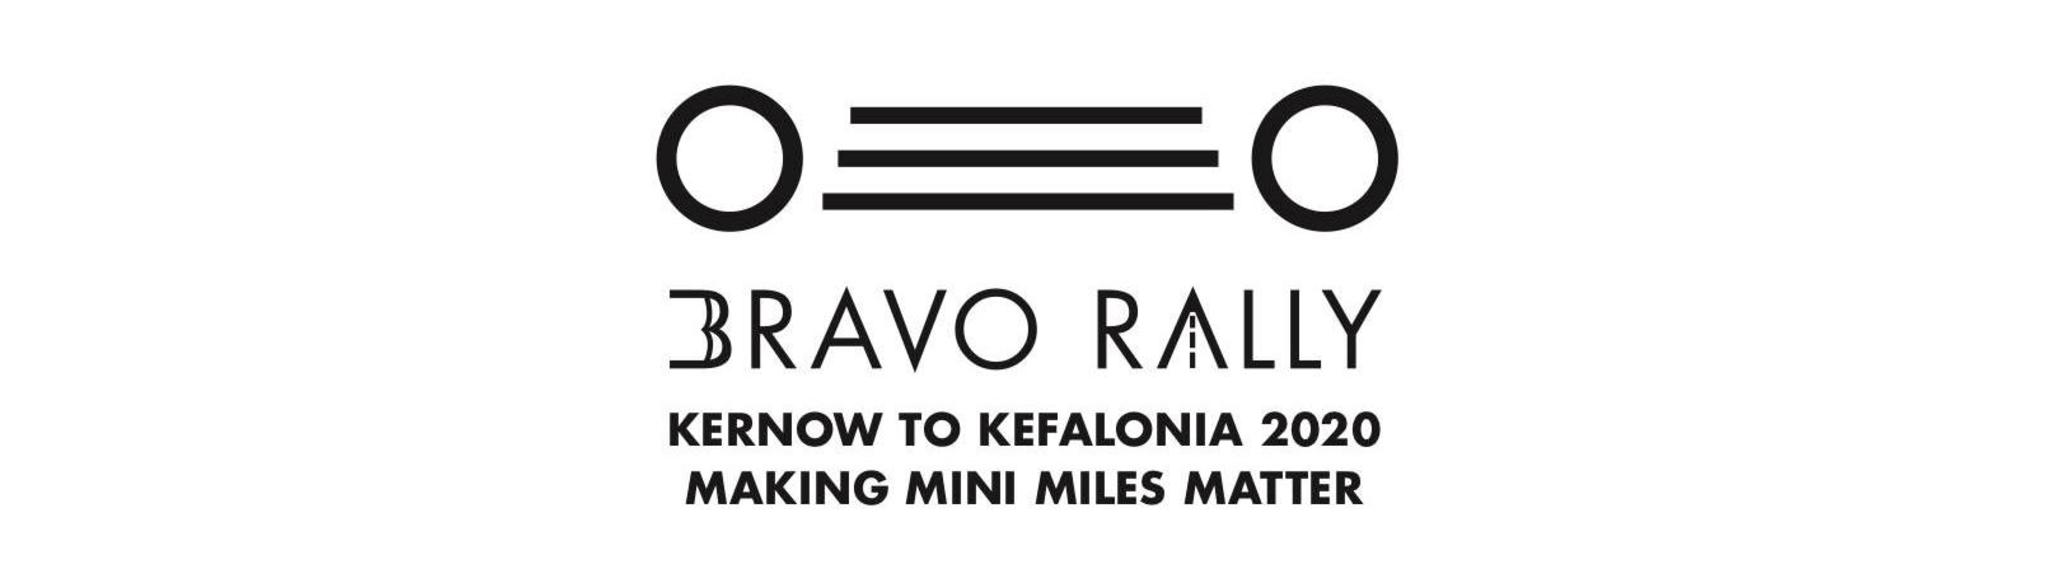 BRAVO Rally